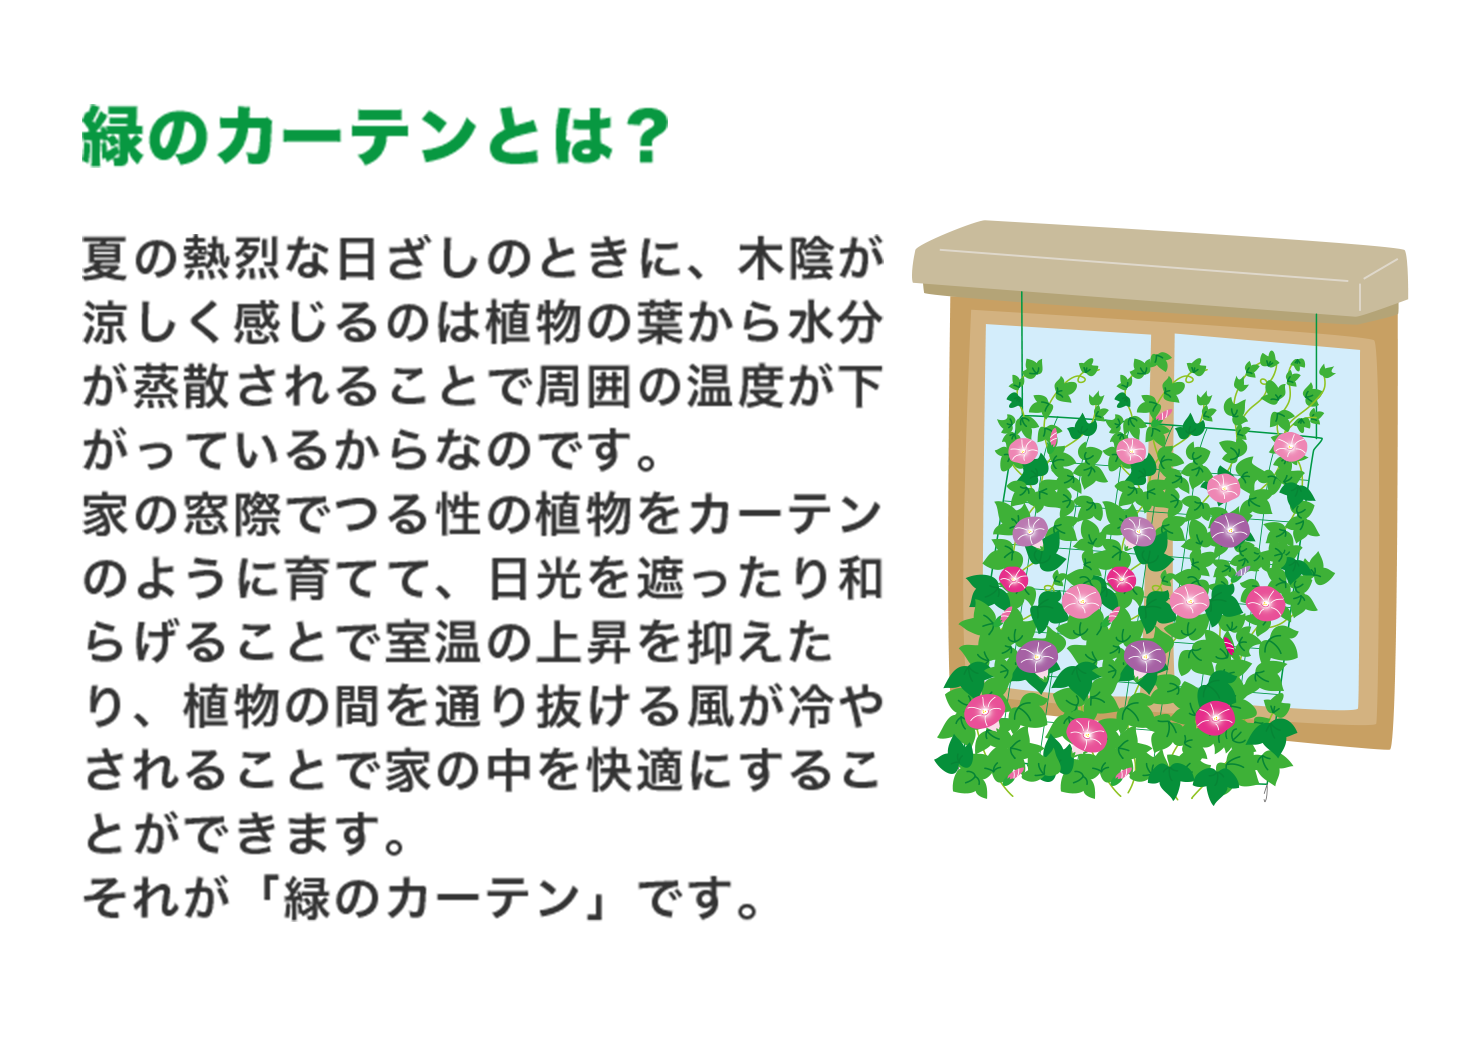 第 伊藤園 3 弾 麦茶 キャンペーン